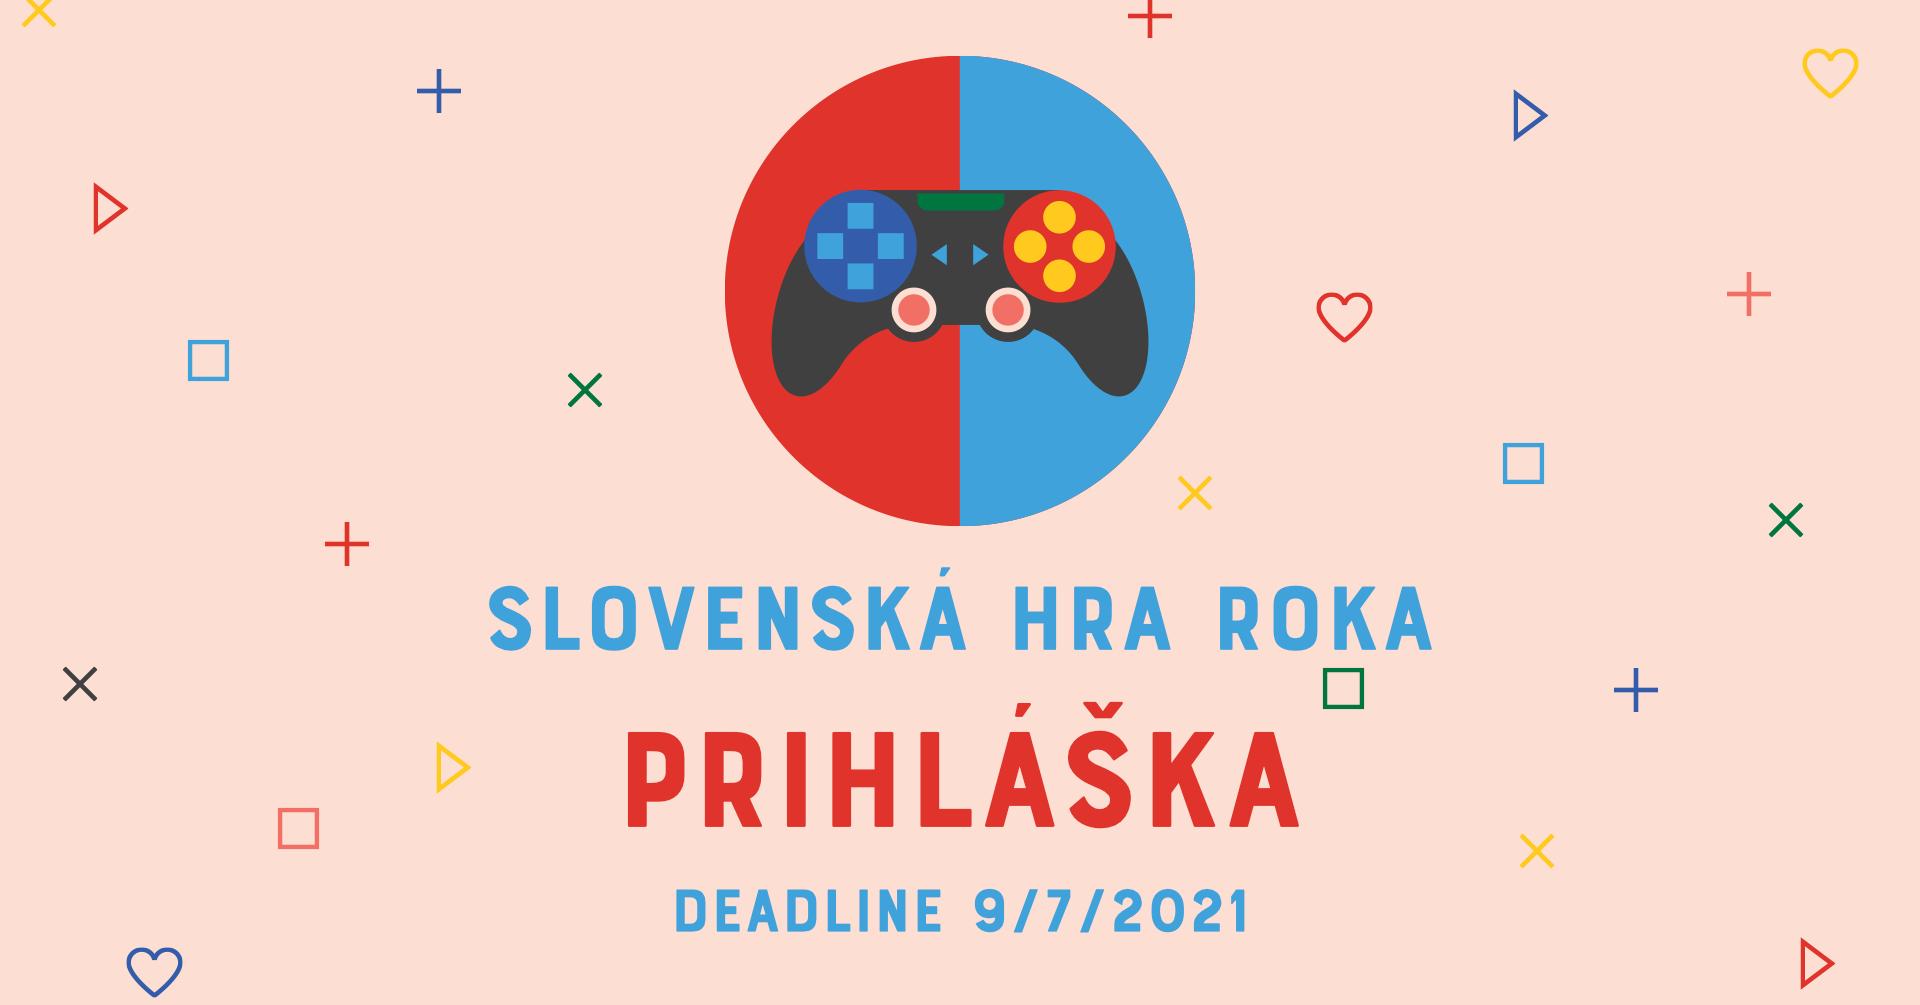 Slovenská hra roka 2020 - prihláška